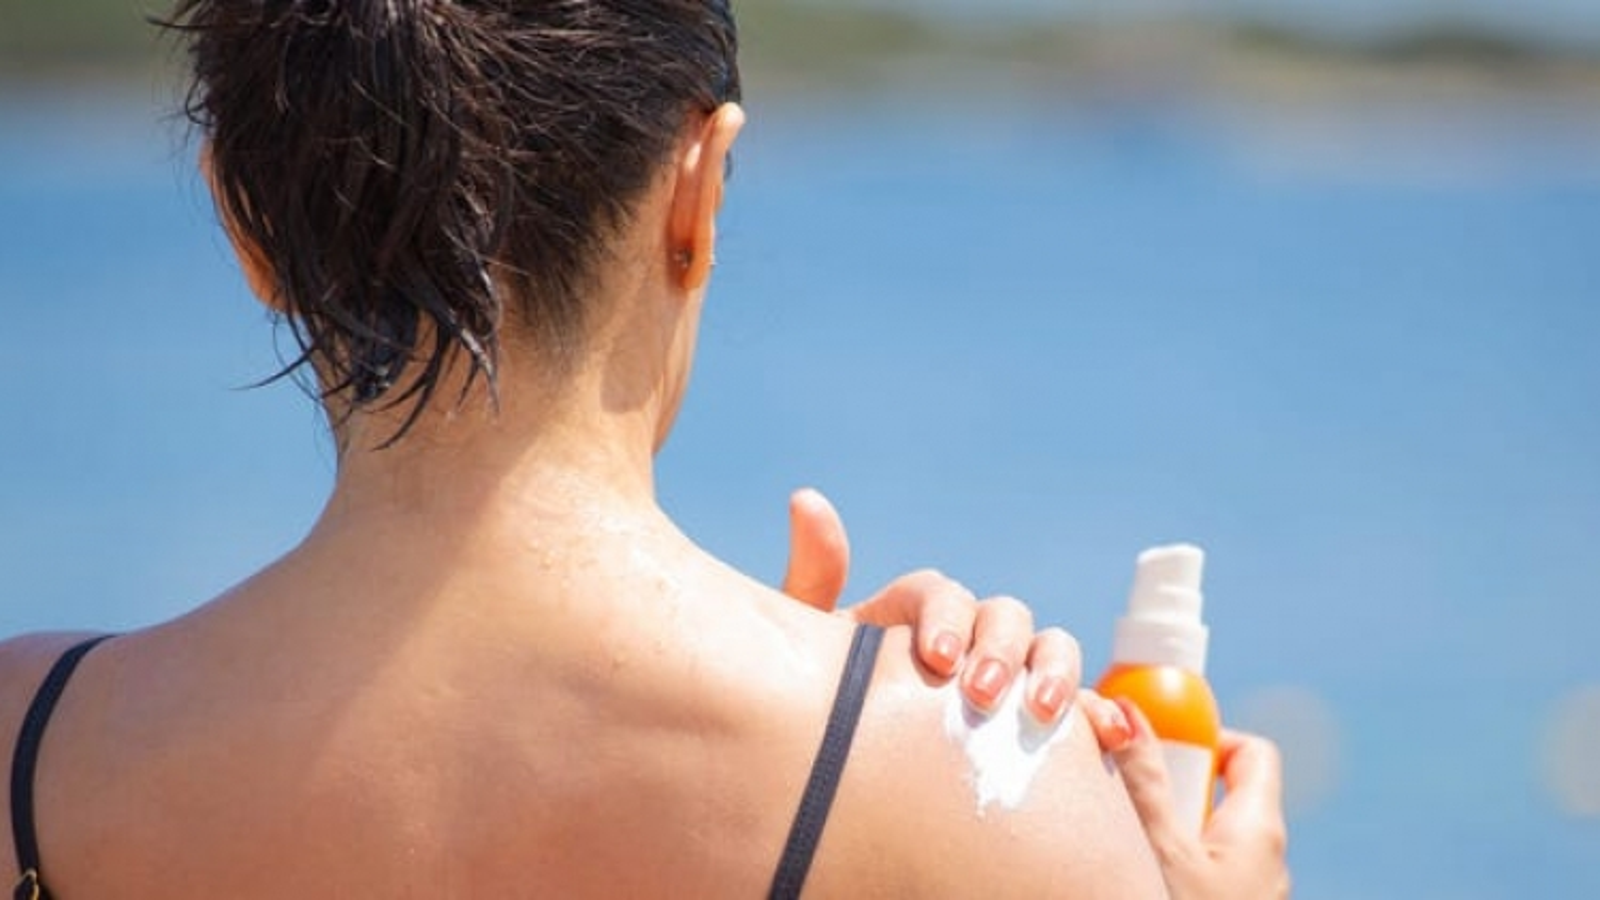 Cách bảo quản kem chống nắng, có nên sử dụng kem chống nắng hết hạn?